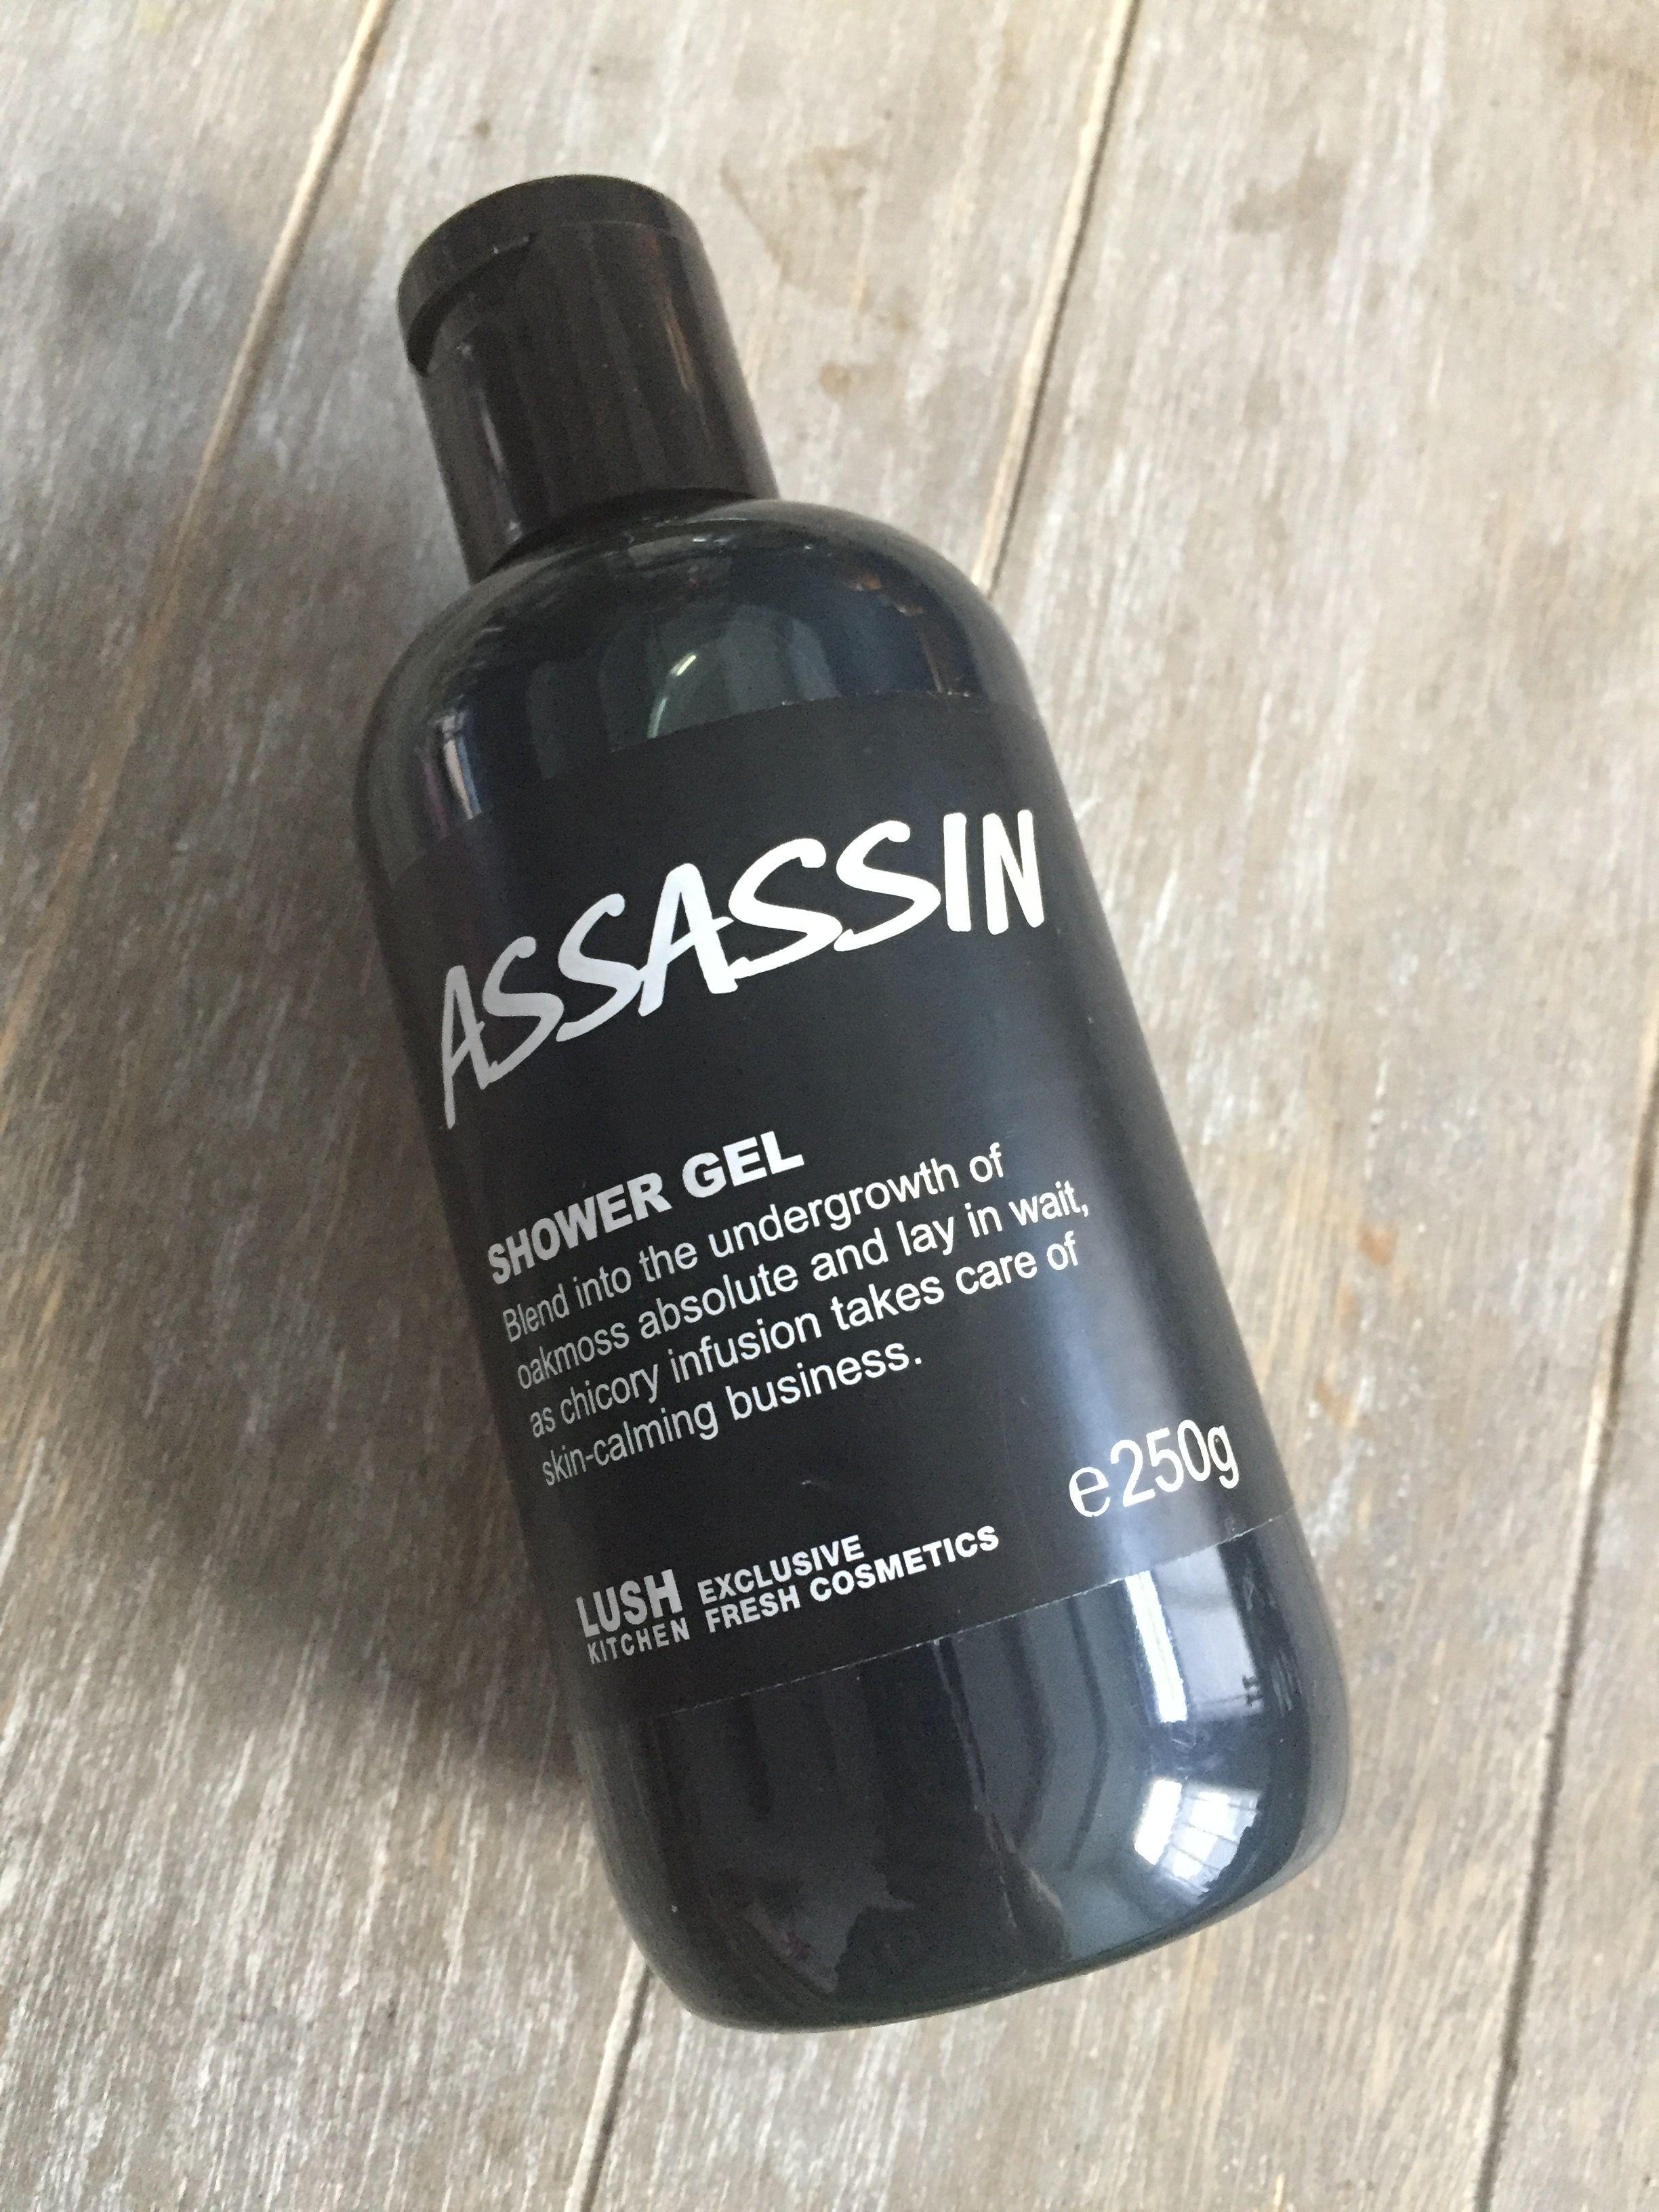 Assassin shower gel lush kitchen exclusive | Shower gel ...